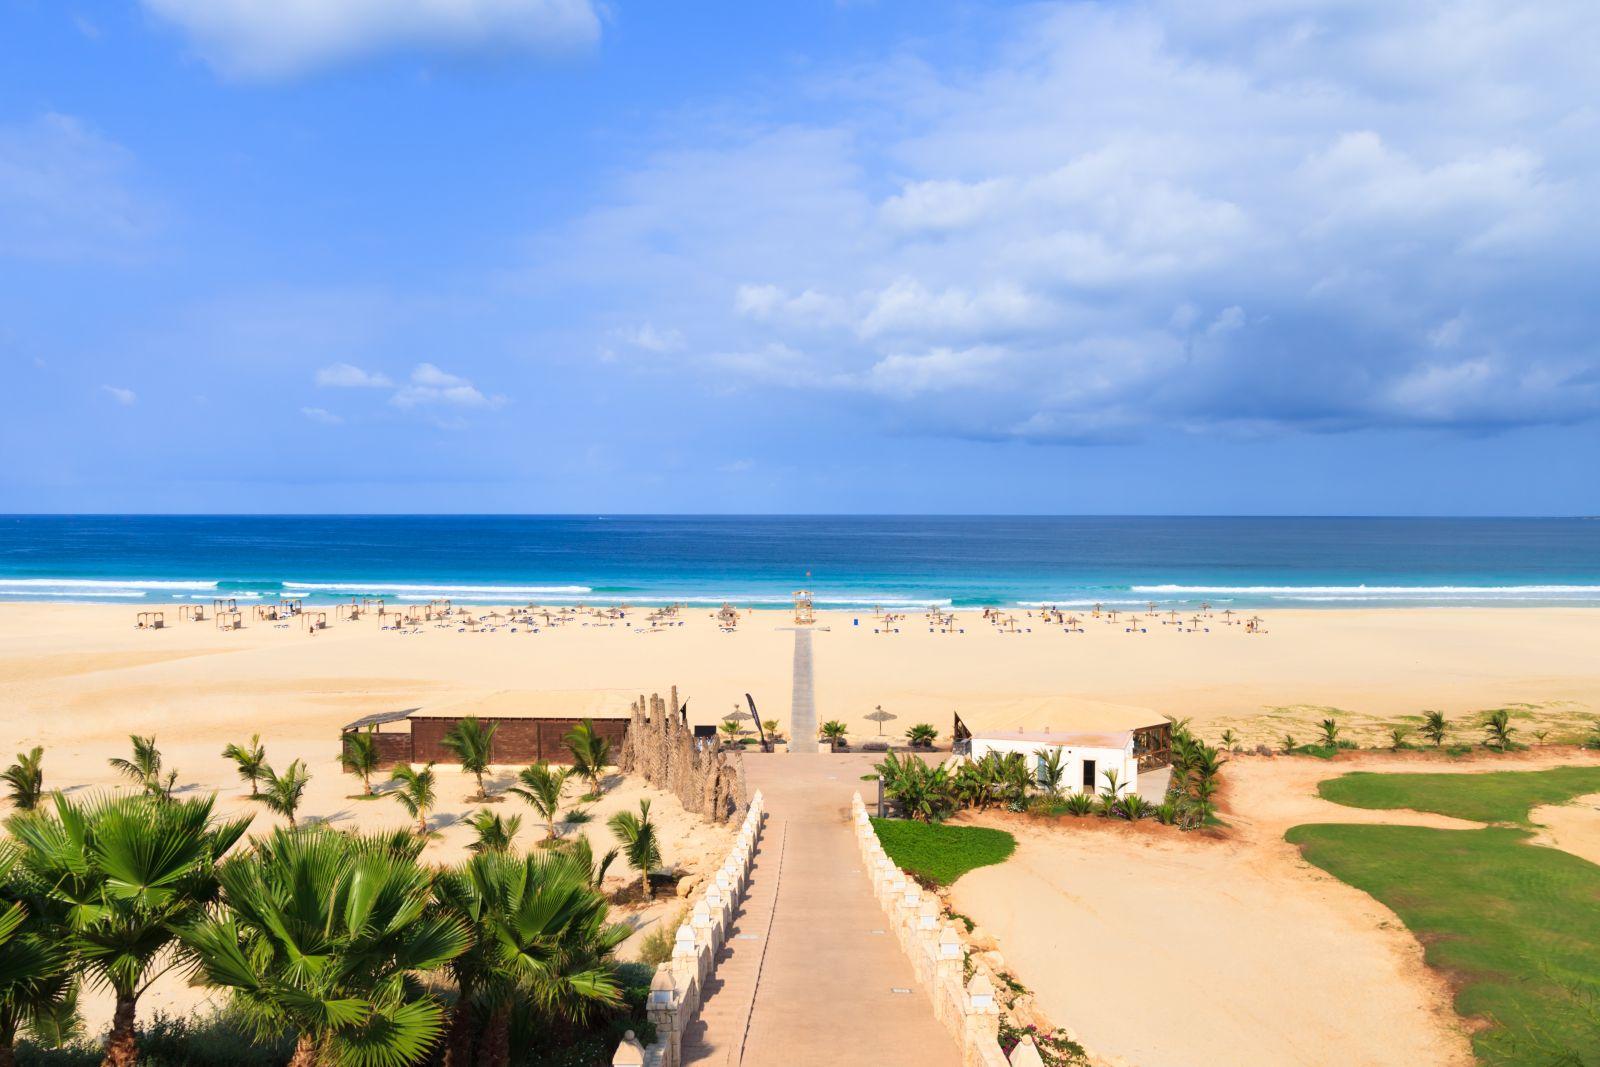 Auch auf Boa Vista sind die langen, breiten Sandstrände ideal zum ungestörten Sonnen und Baden. ©Black-photography/AdobeStock